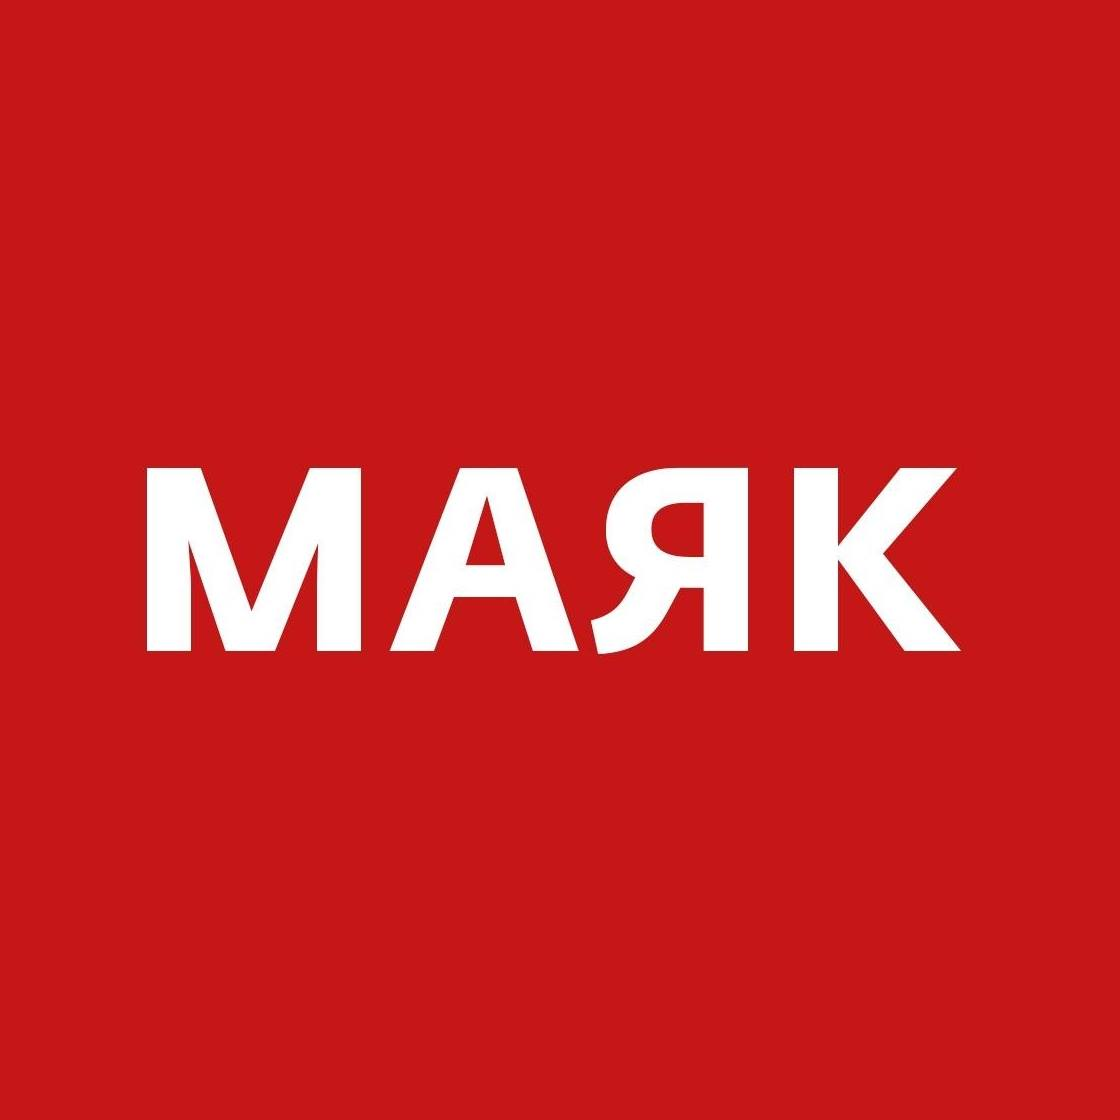 Радио Маяк 72.23 УКВ Россия, Пенза